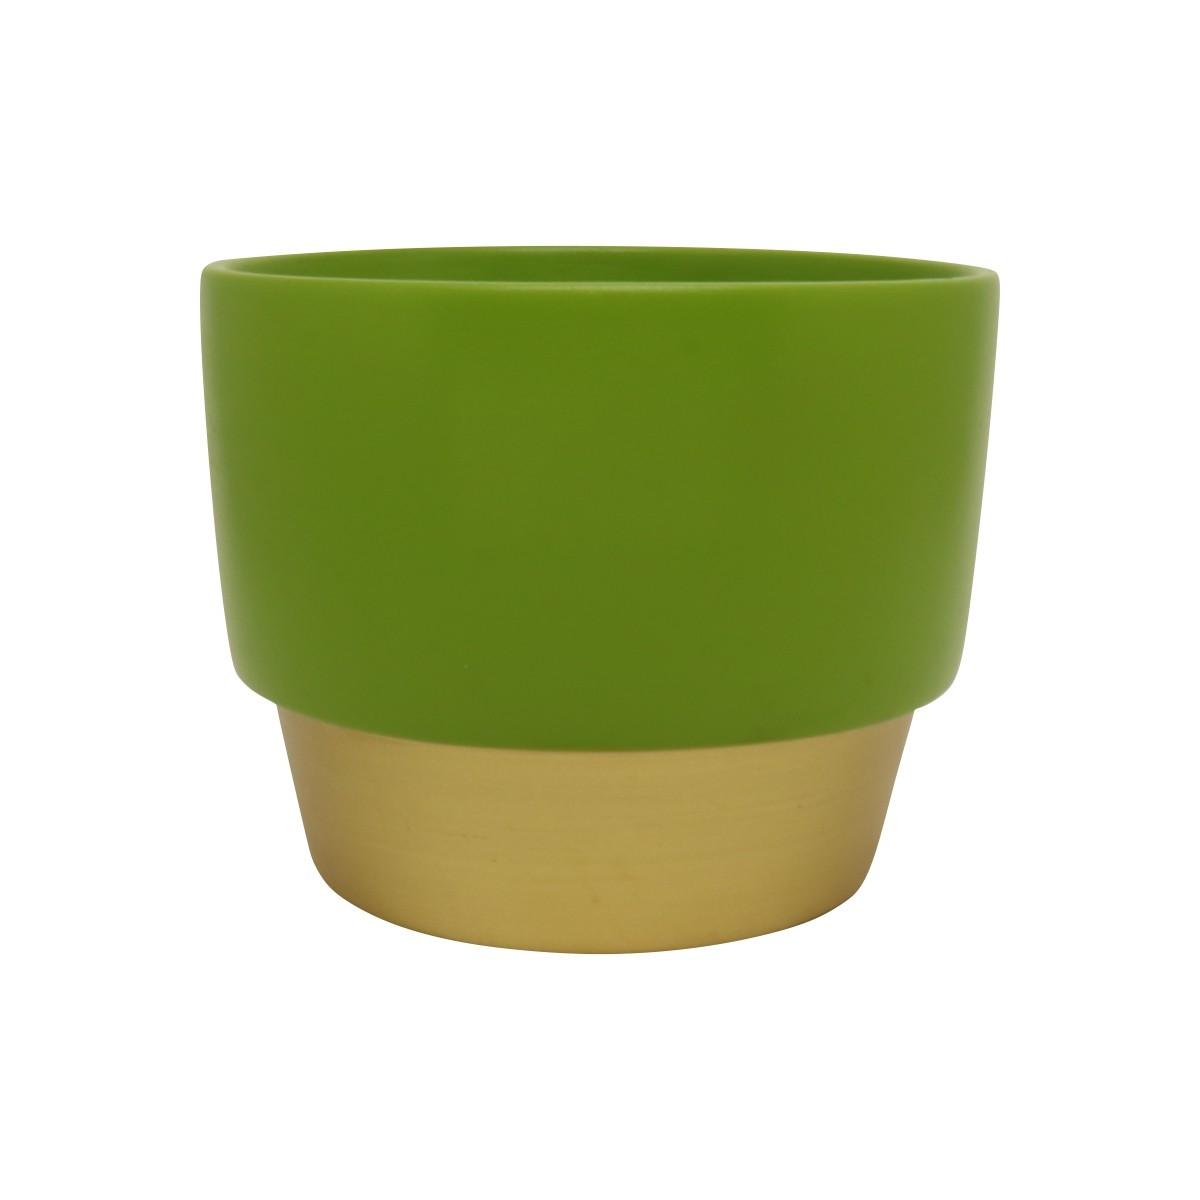 Vaso de Cerâmica para Suculentas Verde e Dourado 10cm x 12,5cm - 5753